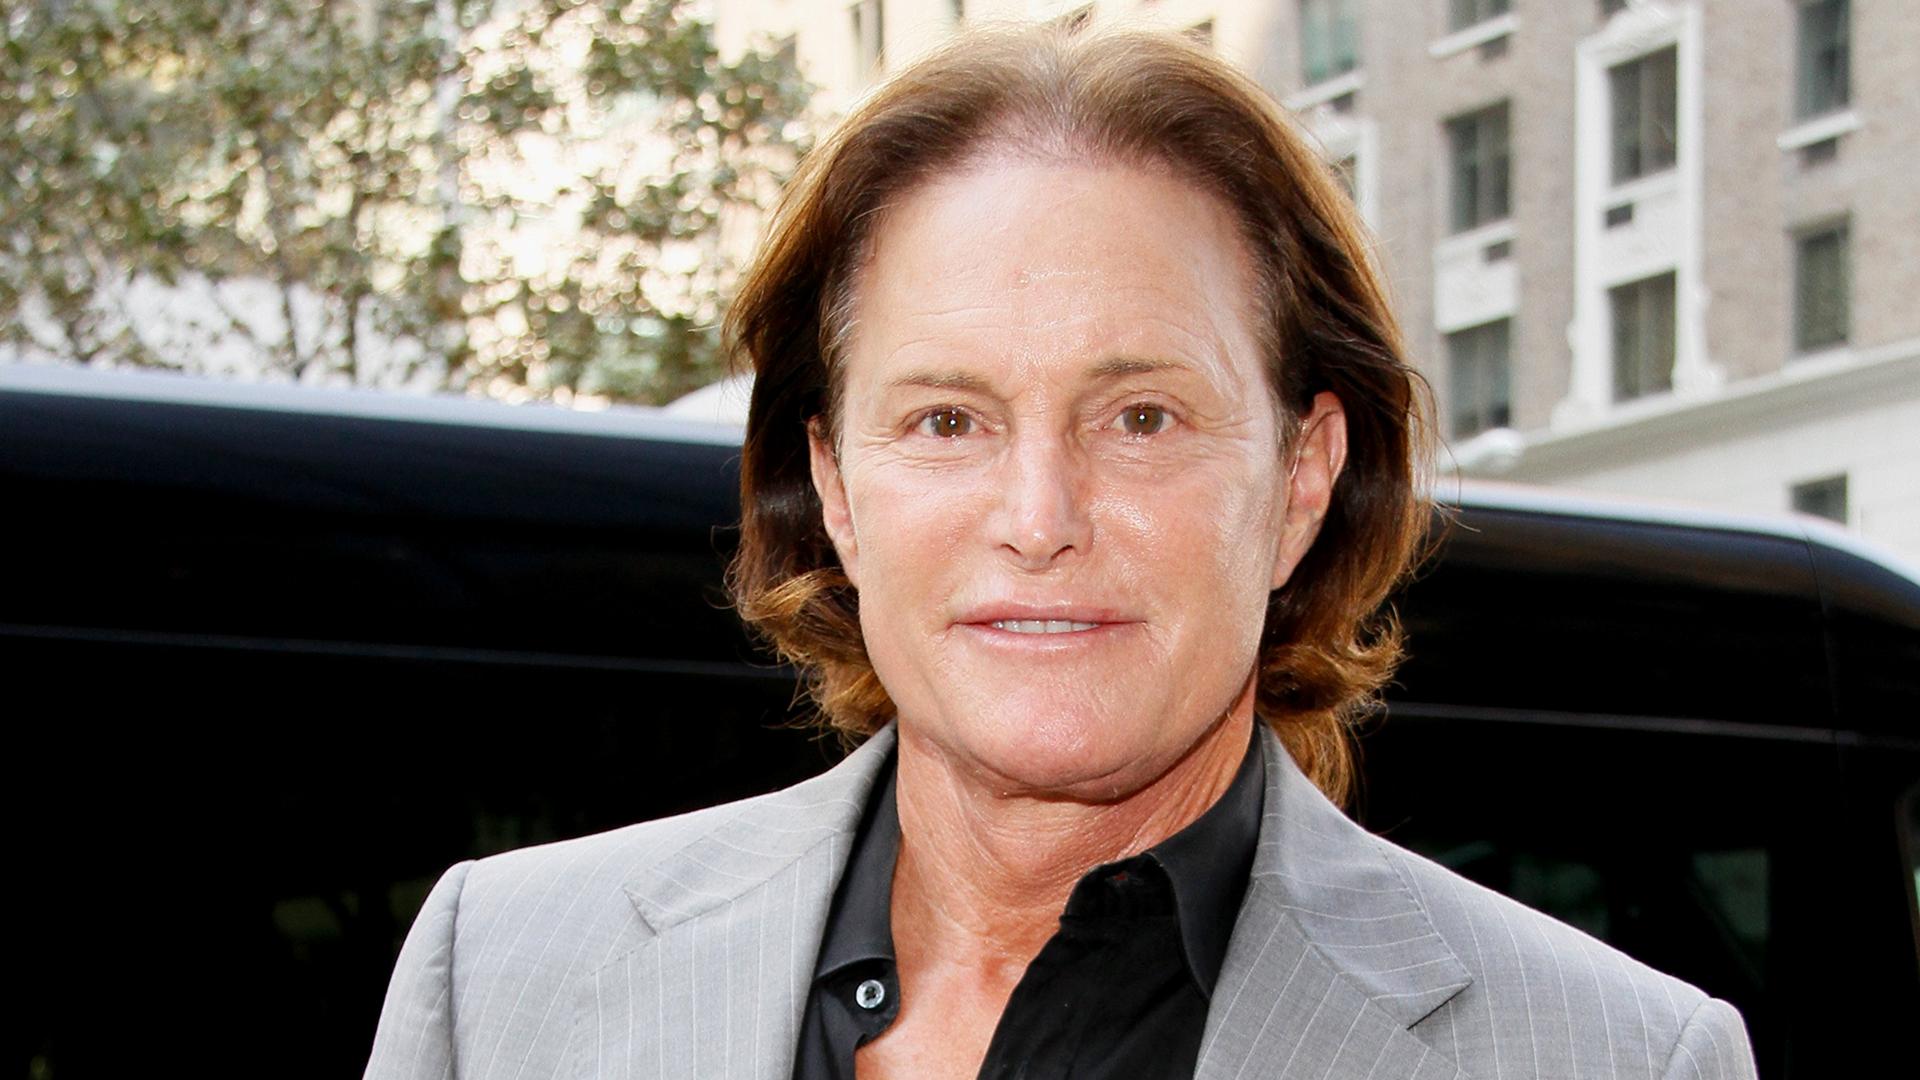 Bruce Jenner Appears As A Woman Caitlyn On Vanity Fair